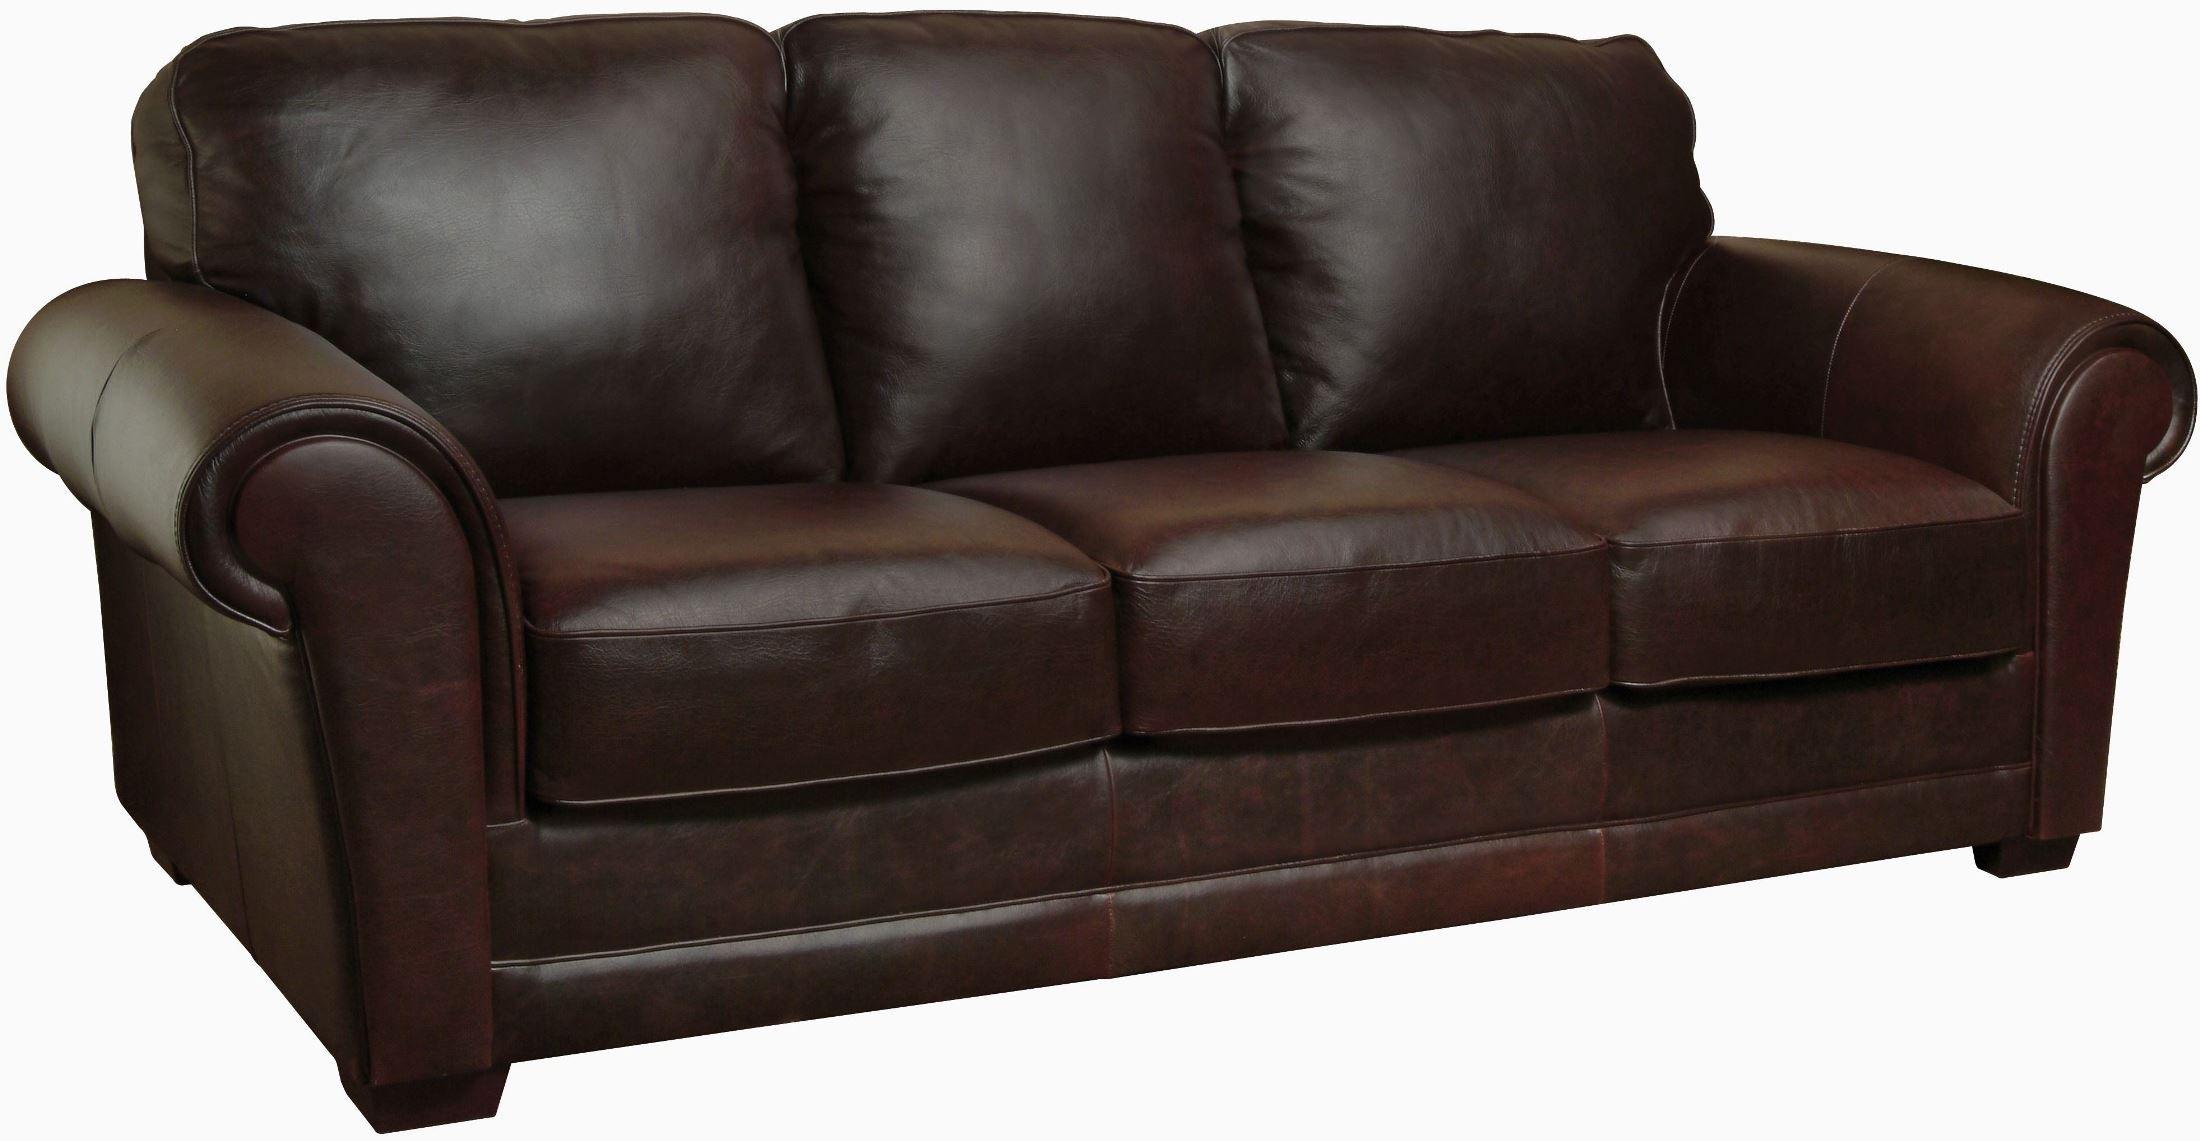 Mark whiskey finish italian leather sofa luk mark s for Italian leather sofa